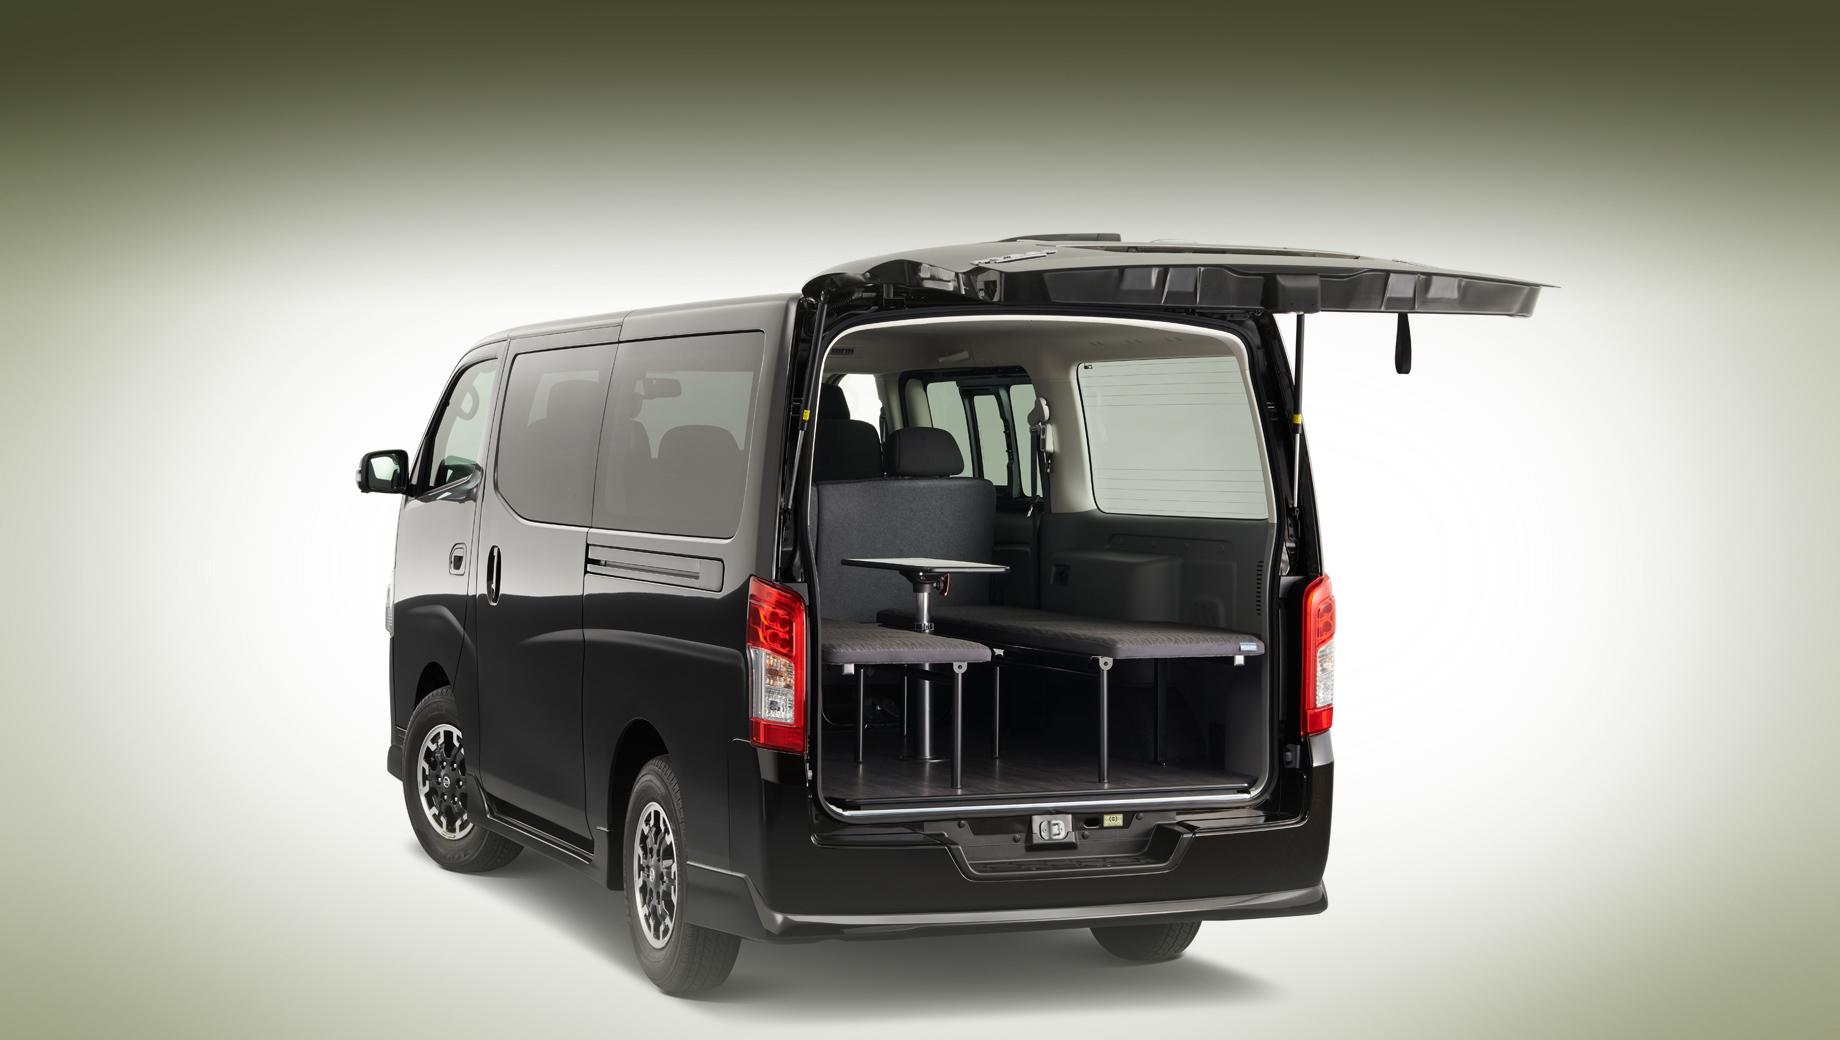 Nissan nv350. В мини-гостиной на основе NV350 есть не только кровати и столик, но и твёрдый пол, напоминающий пол в комнате (по раскраске похож на ламинат, но его реальное устройство фирма не поясняет).